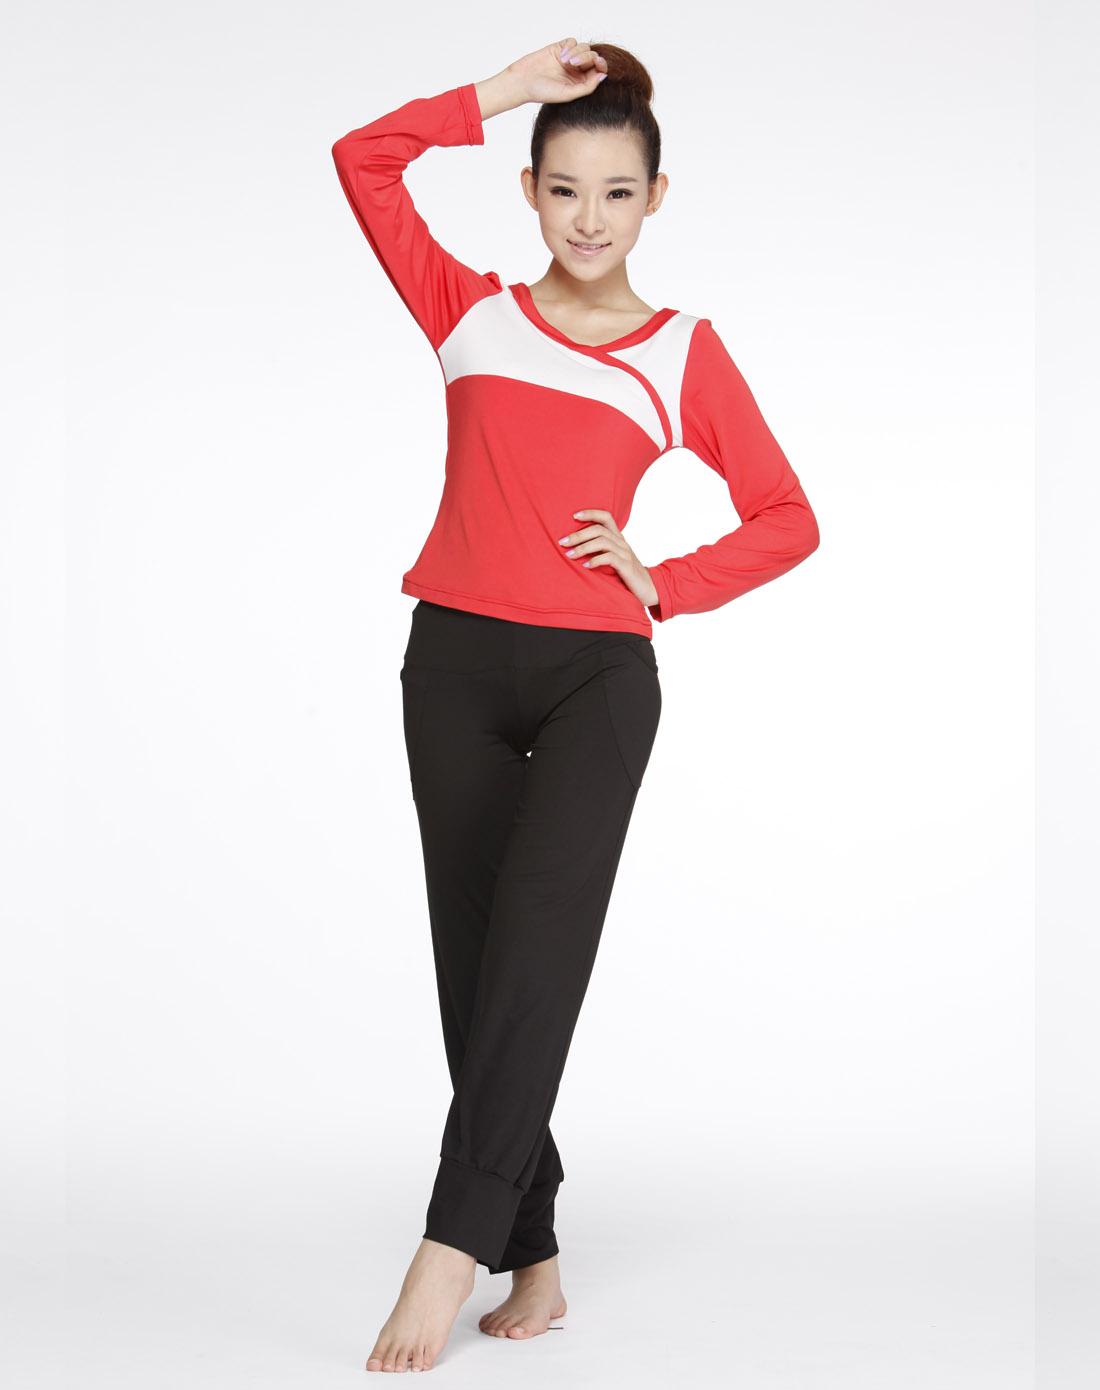 瓜红_女款瓜红/白色长袖瑜伽服上衣